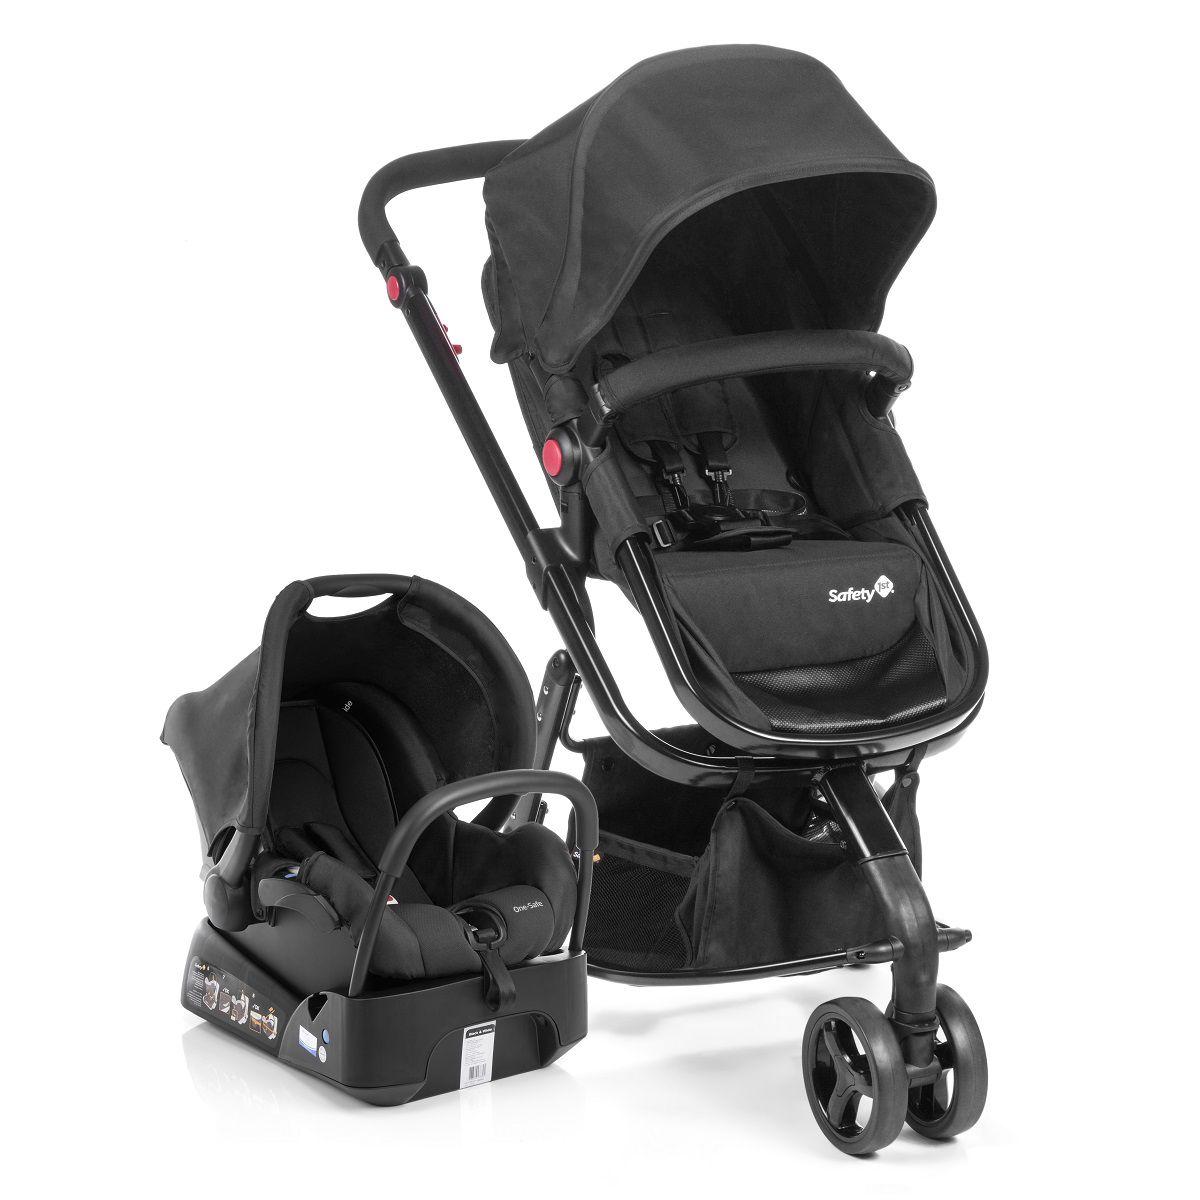 Carrinho de bebê Travel System Mobi Preto - Safety 1st